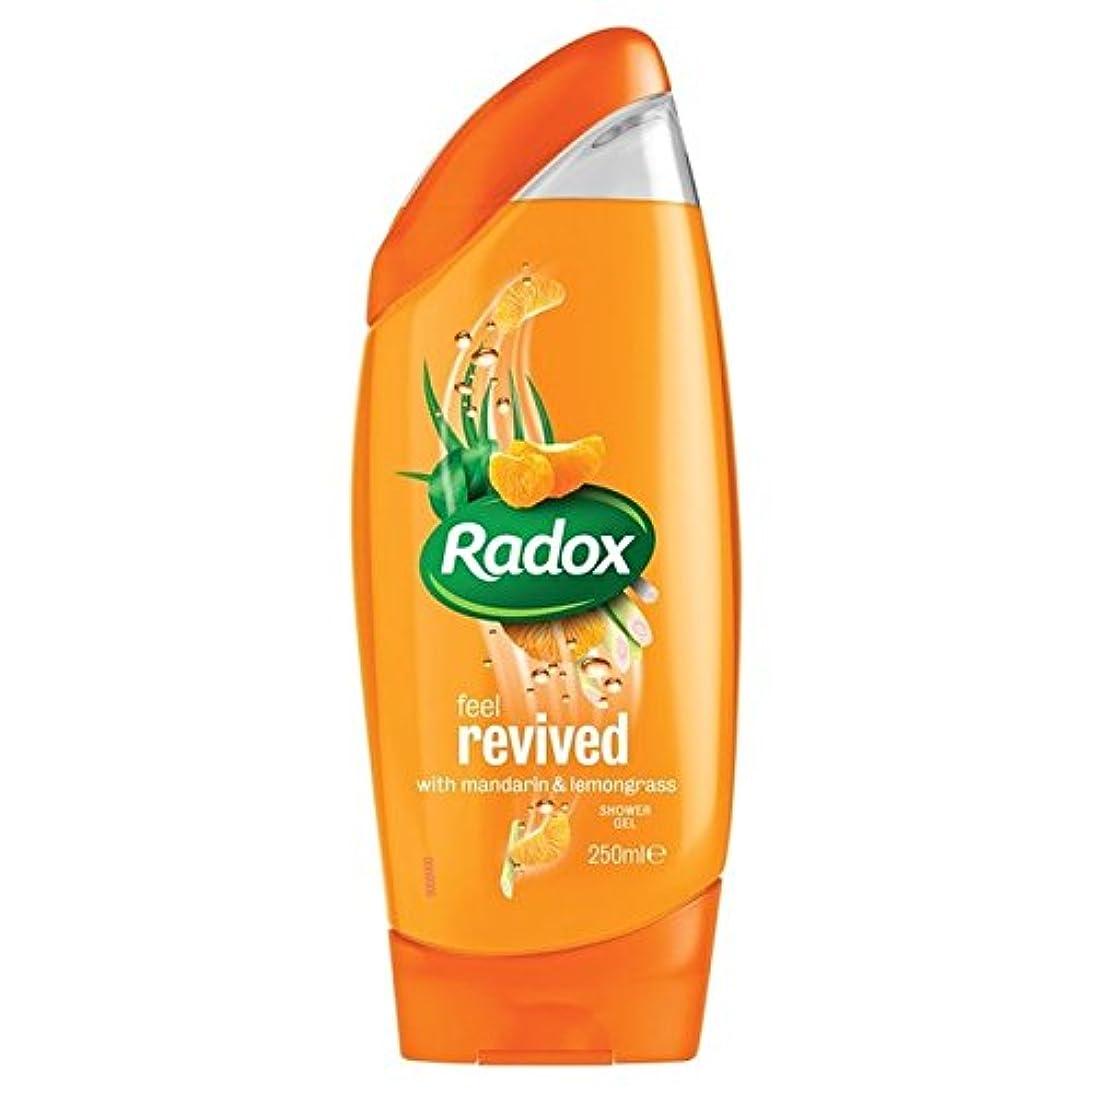 ハッピー撃退するプールのみかんは、シャワージェル250ミリリットルを復活させます x4 - Radox Mandarin Revive Shower Gel 250ml (Pack of 4) [並行輸入品]